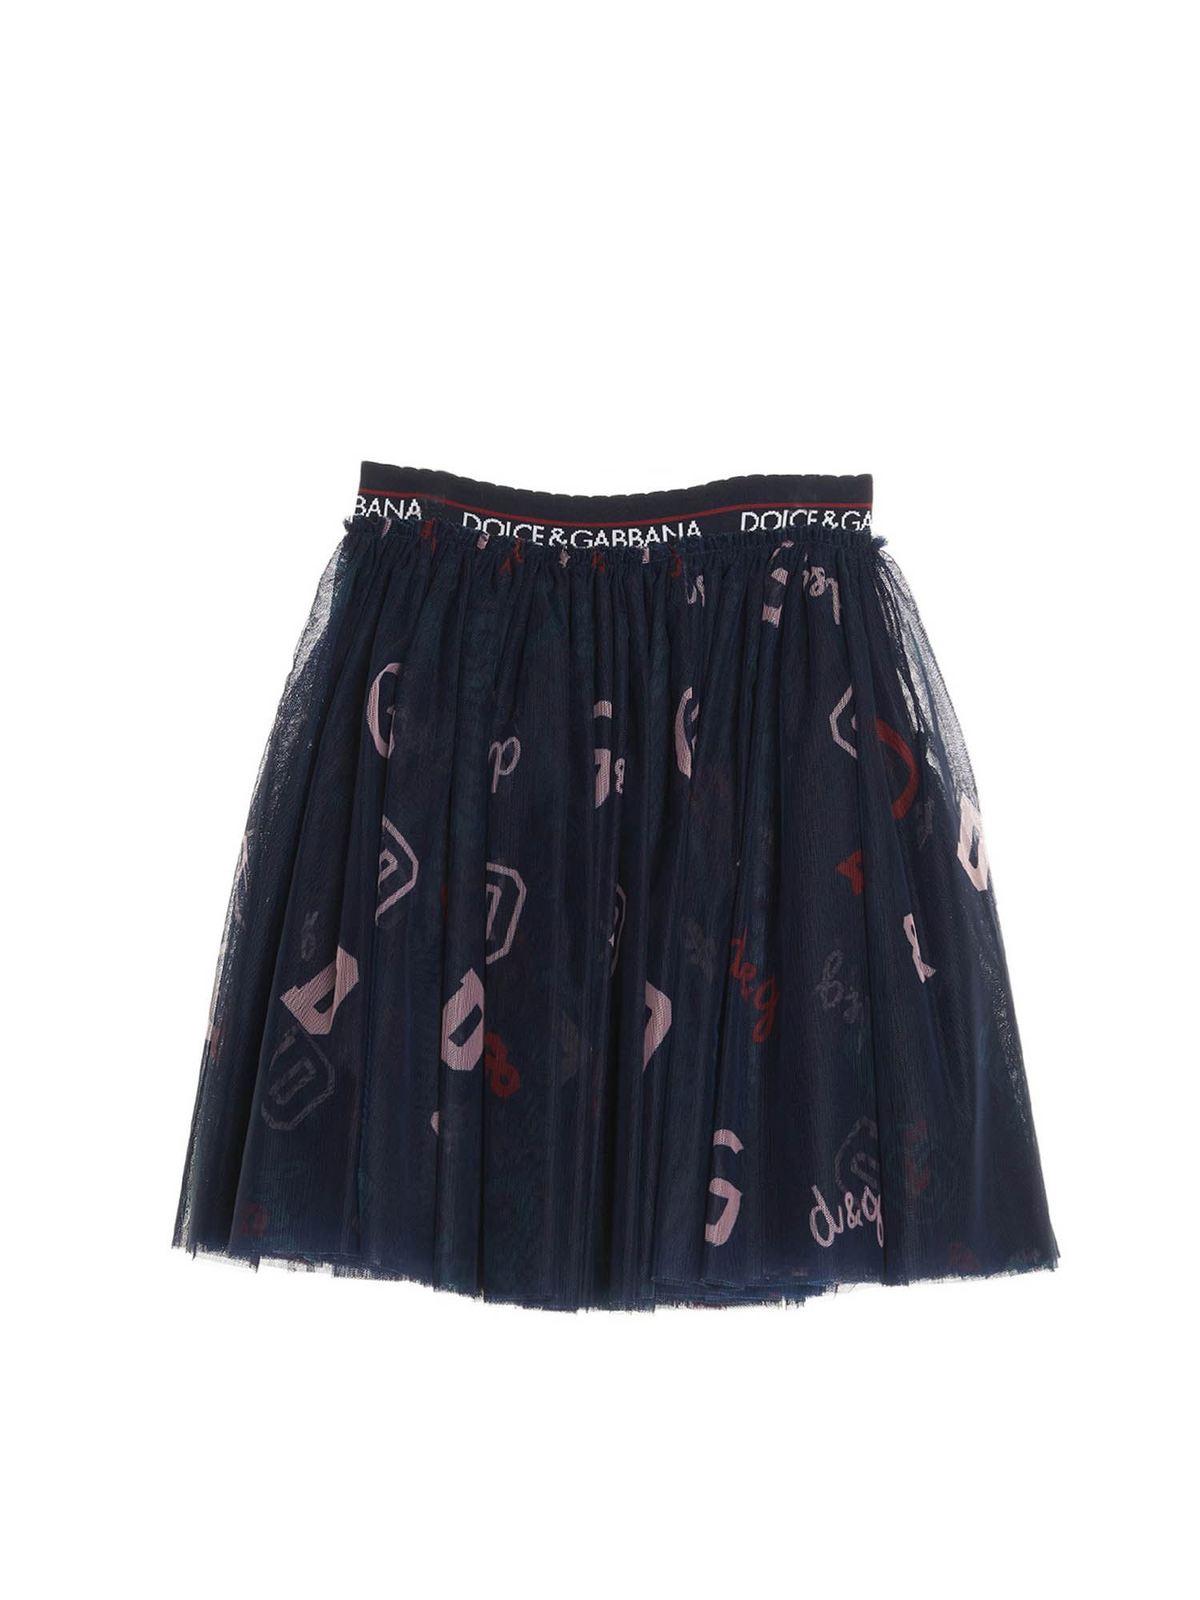 Dolce & Gabbana Jr Linings LOGO PRINTED TULLE SKIRT